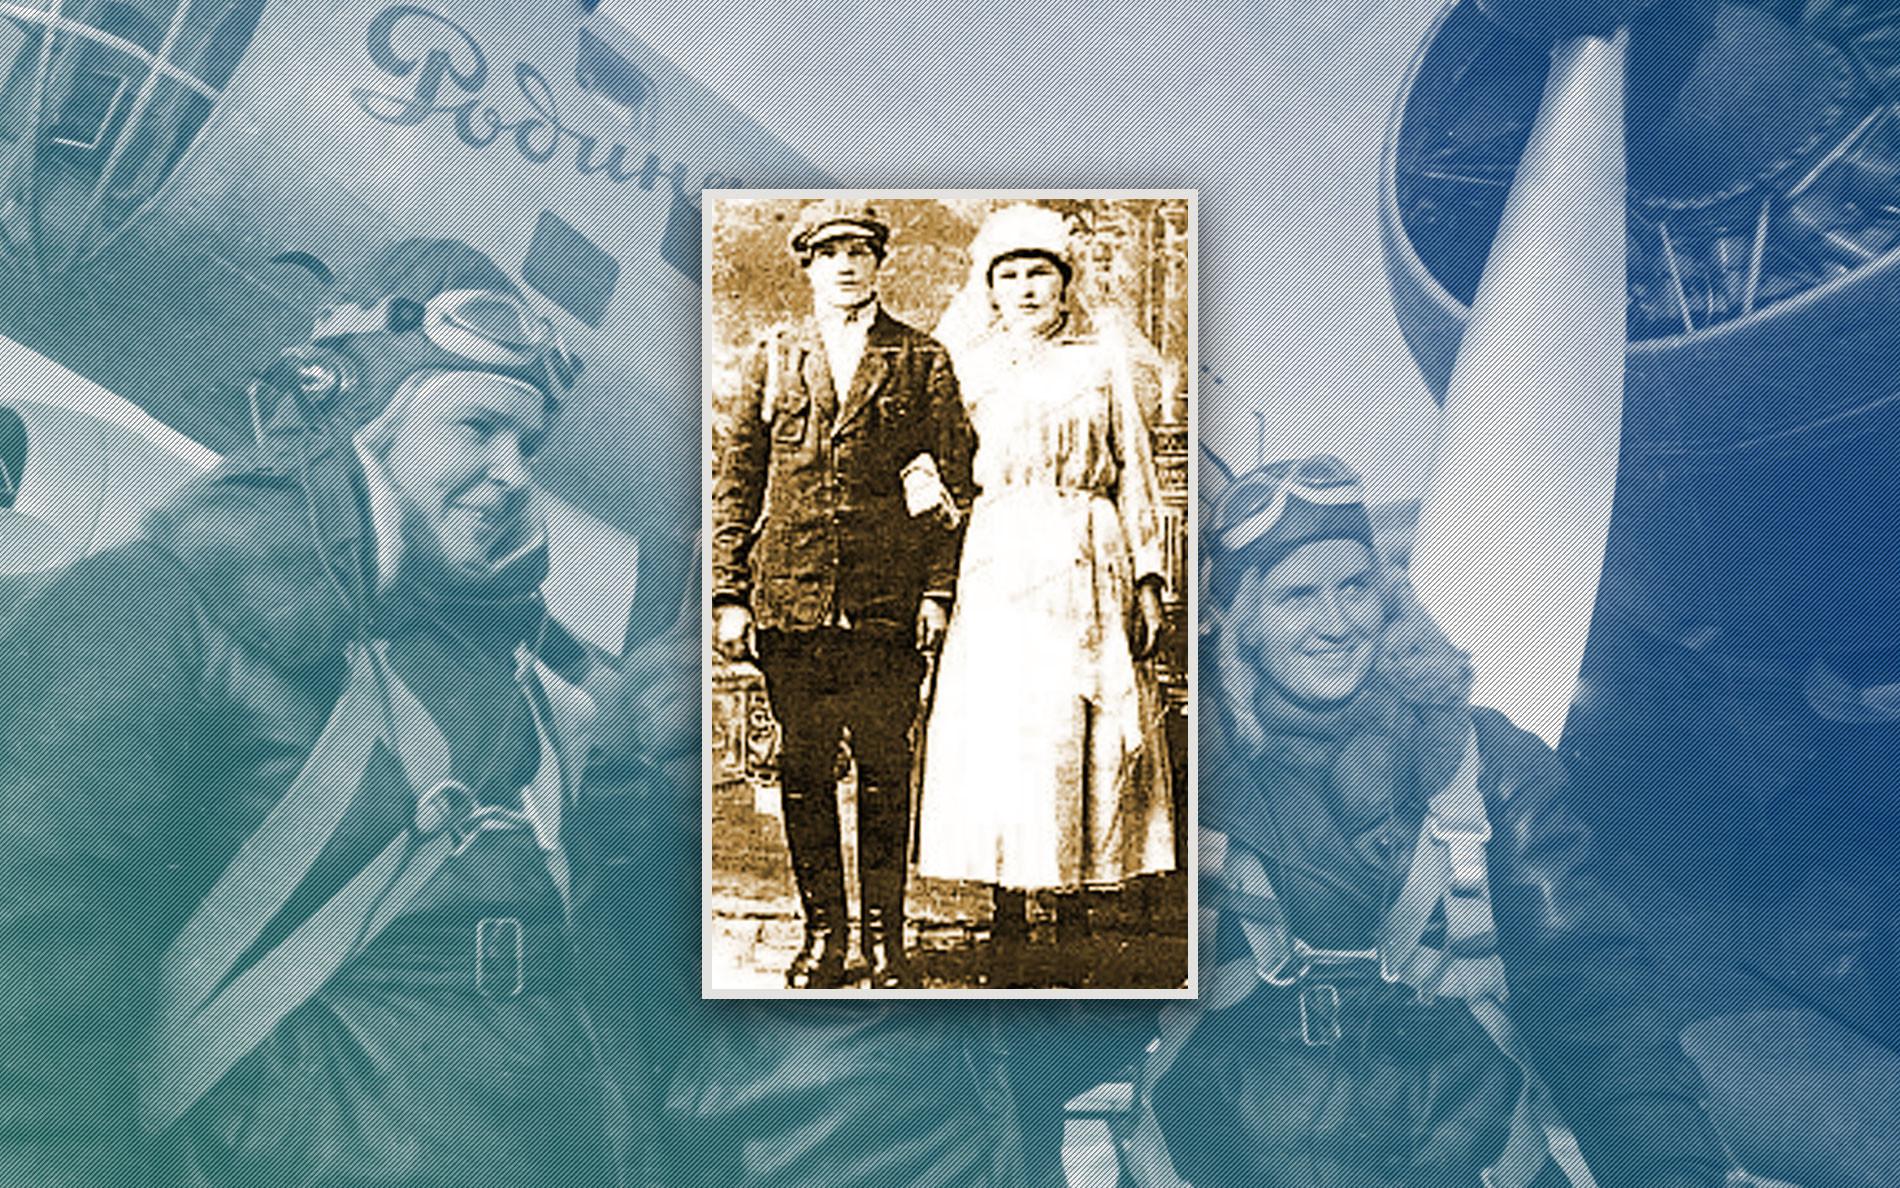 Свадебное фото Степана и Полины Говяз. 1 февраля 1926 года. Коллаж. Фото: © РИА Новости, pro.berdyansk.biz